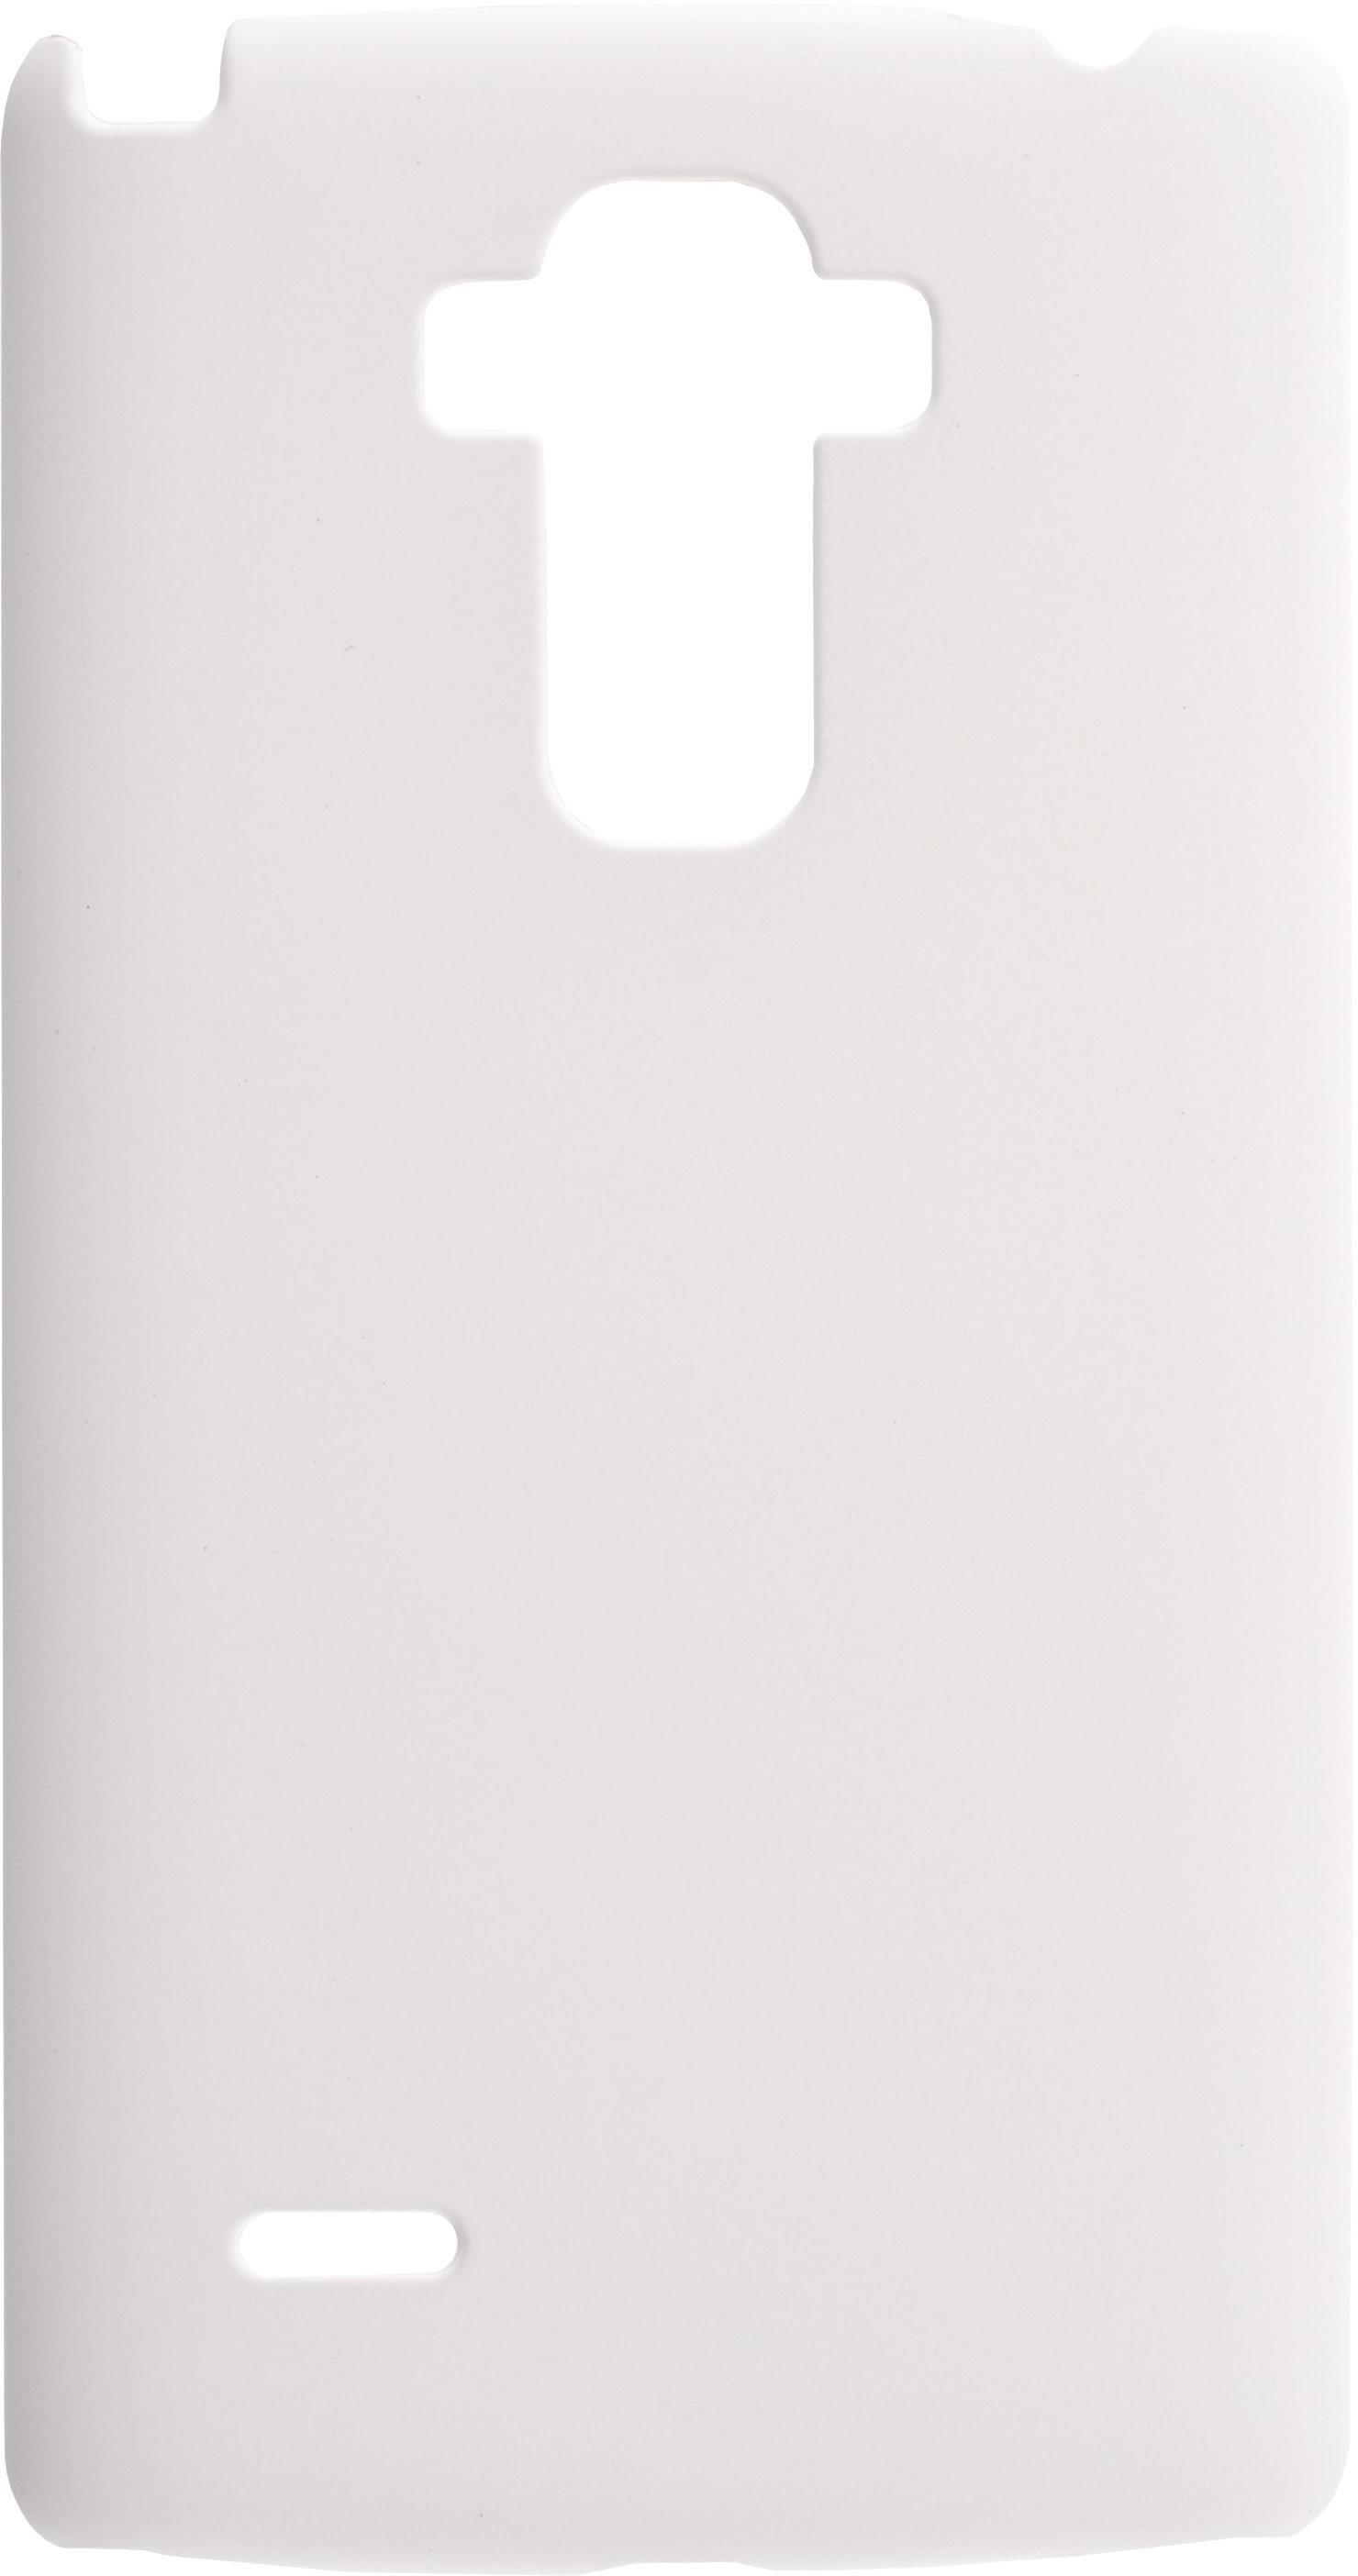 Чехол для сотового телефона skinBOX 4People, 4630042527171, белый стоимость